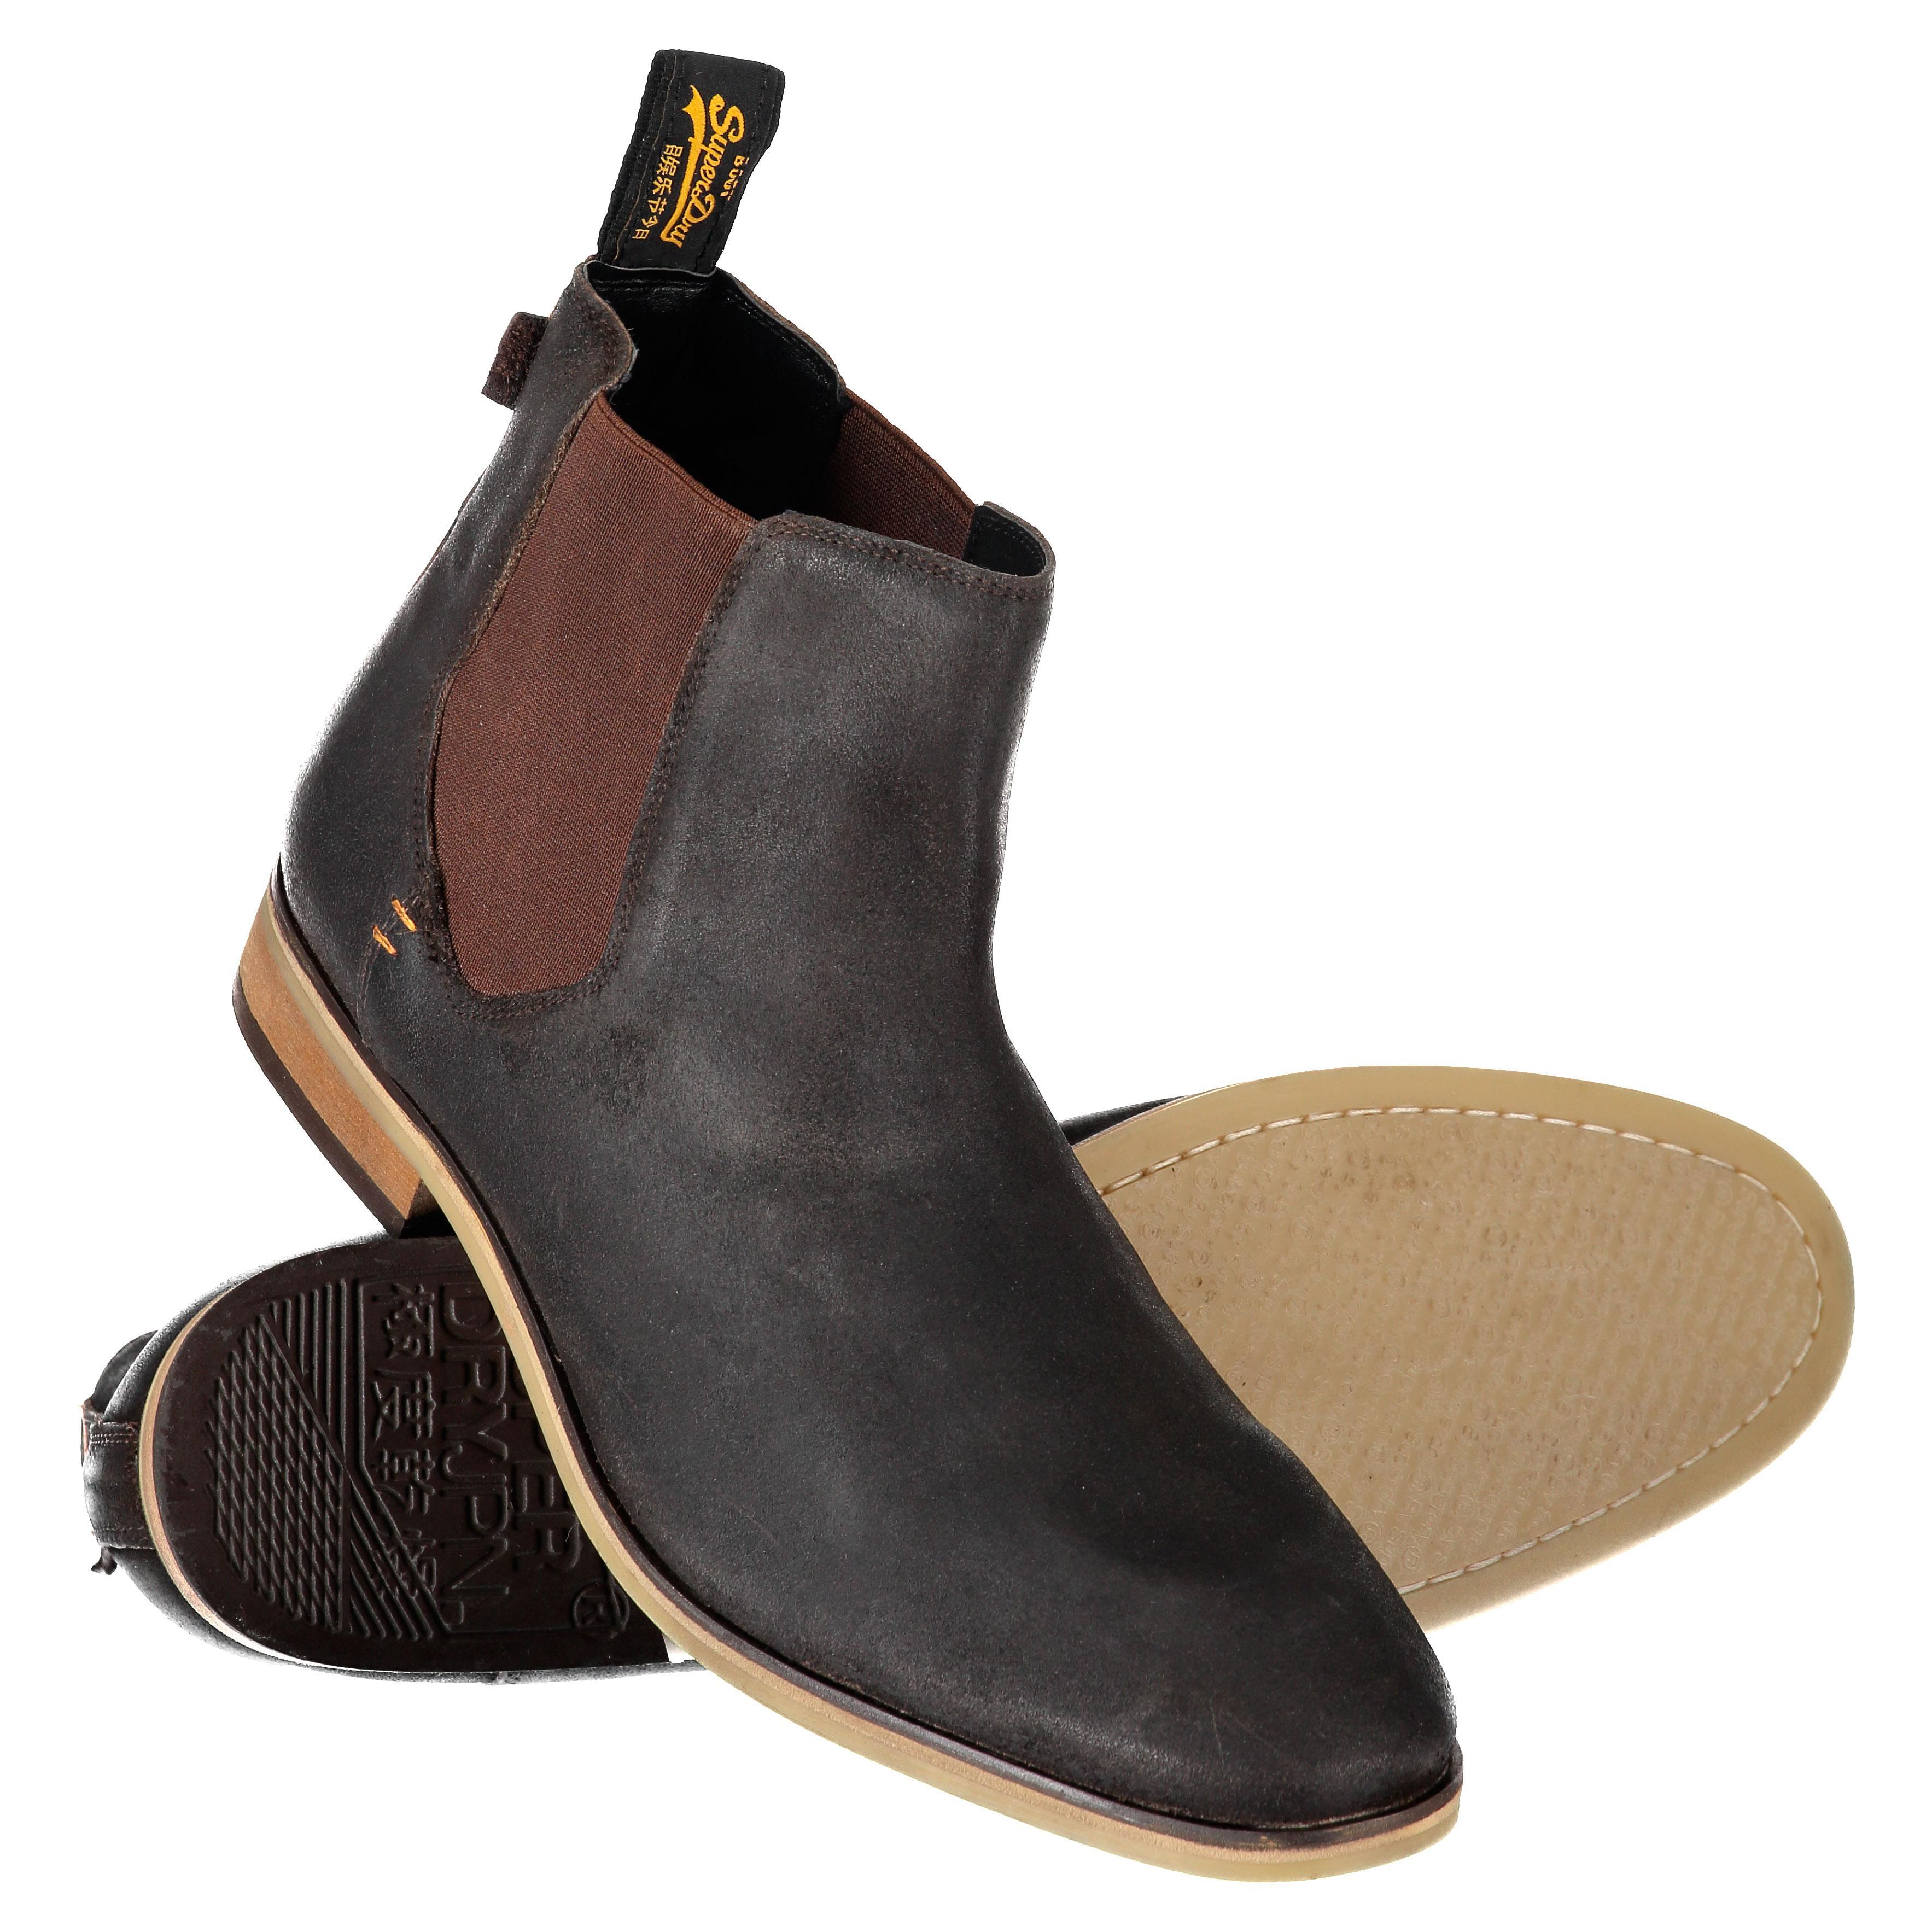 superdry dealer boots \u003e Up to 72% OFF